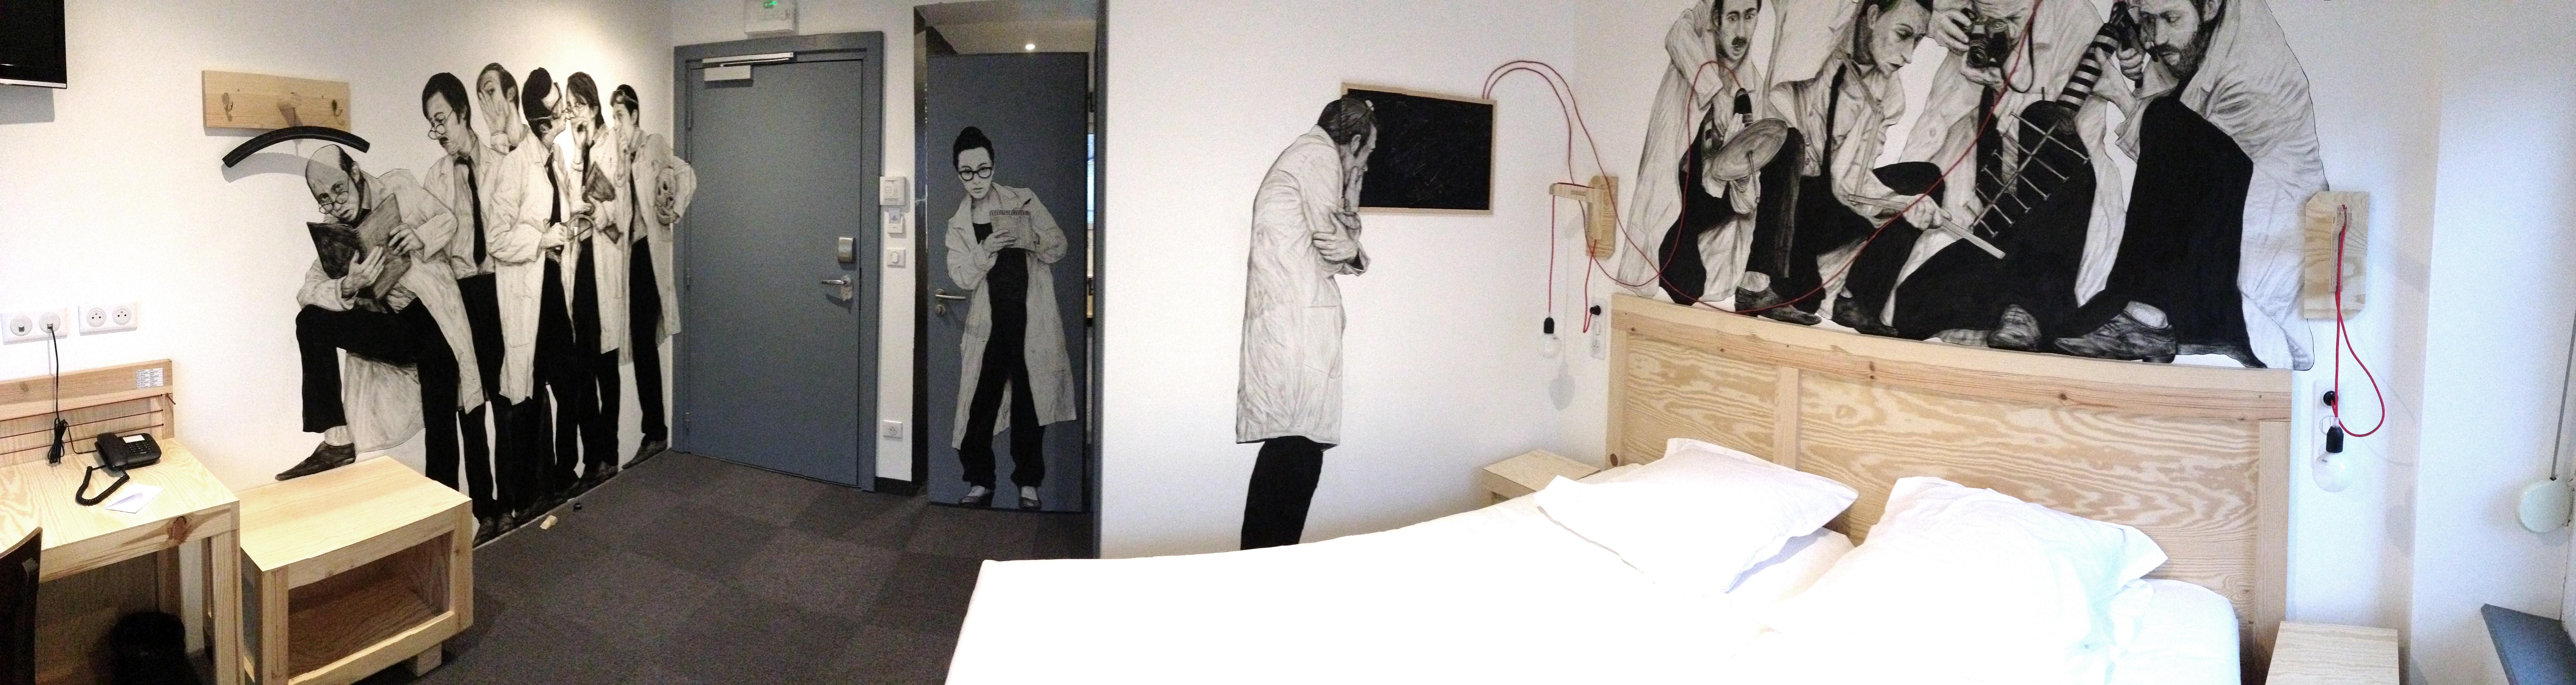 Chambre de l'hypochondrie